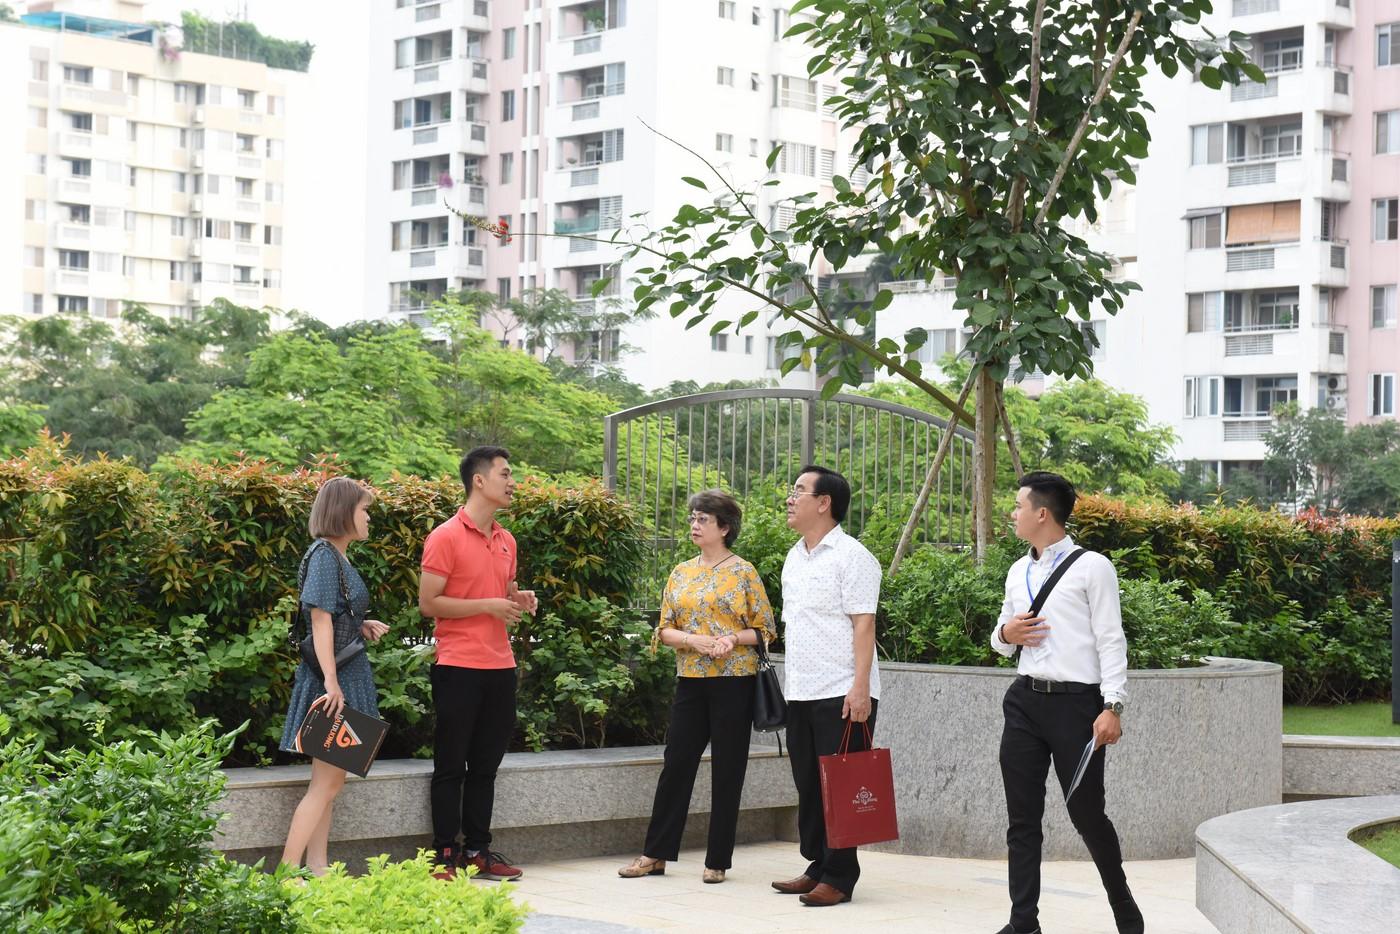 DSC 7794 Copy - Nhận nhà mới - đón năm mới cùng cư dân Riverpark Premier